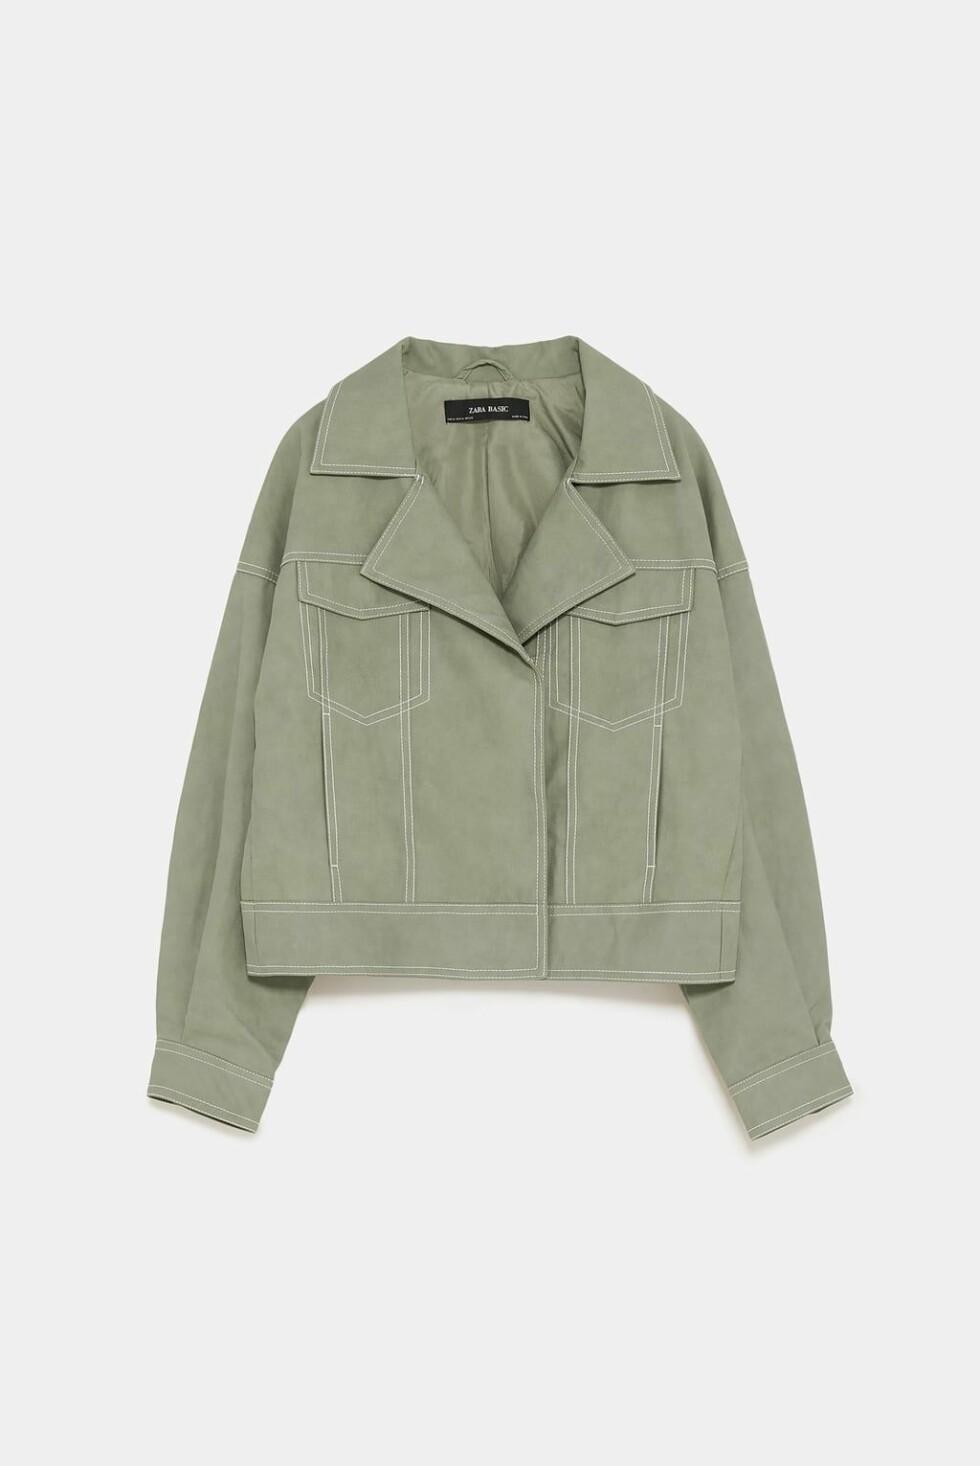 Jakke fra Zara |350,-| https://www.zara.com/no/no/ytterjakke-med-attersting-p03046255.html?v1=6483537&v2=1177565